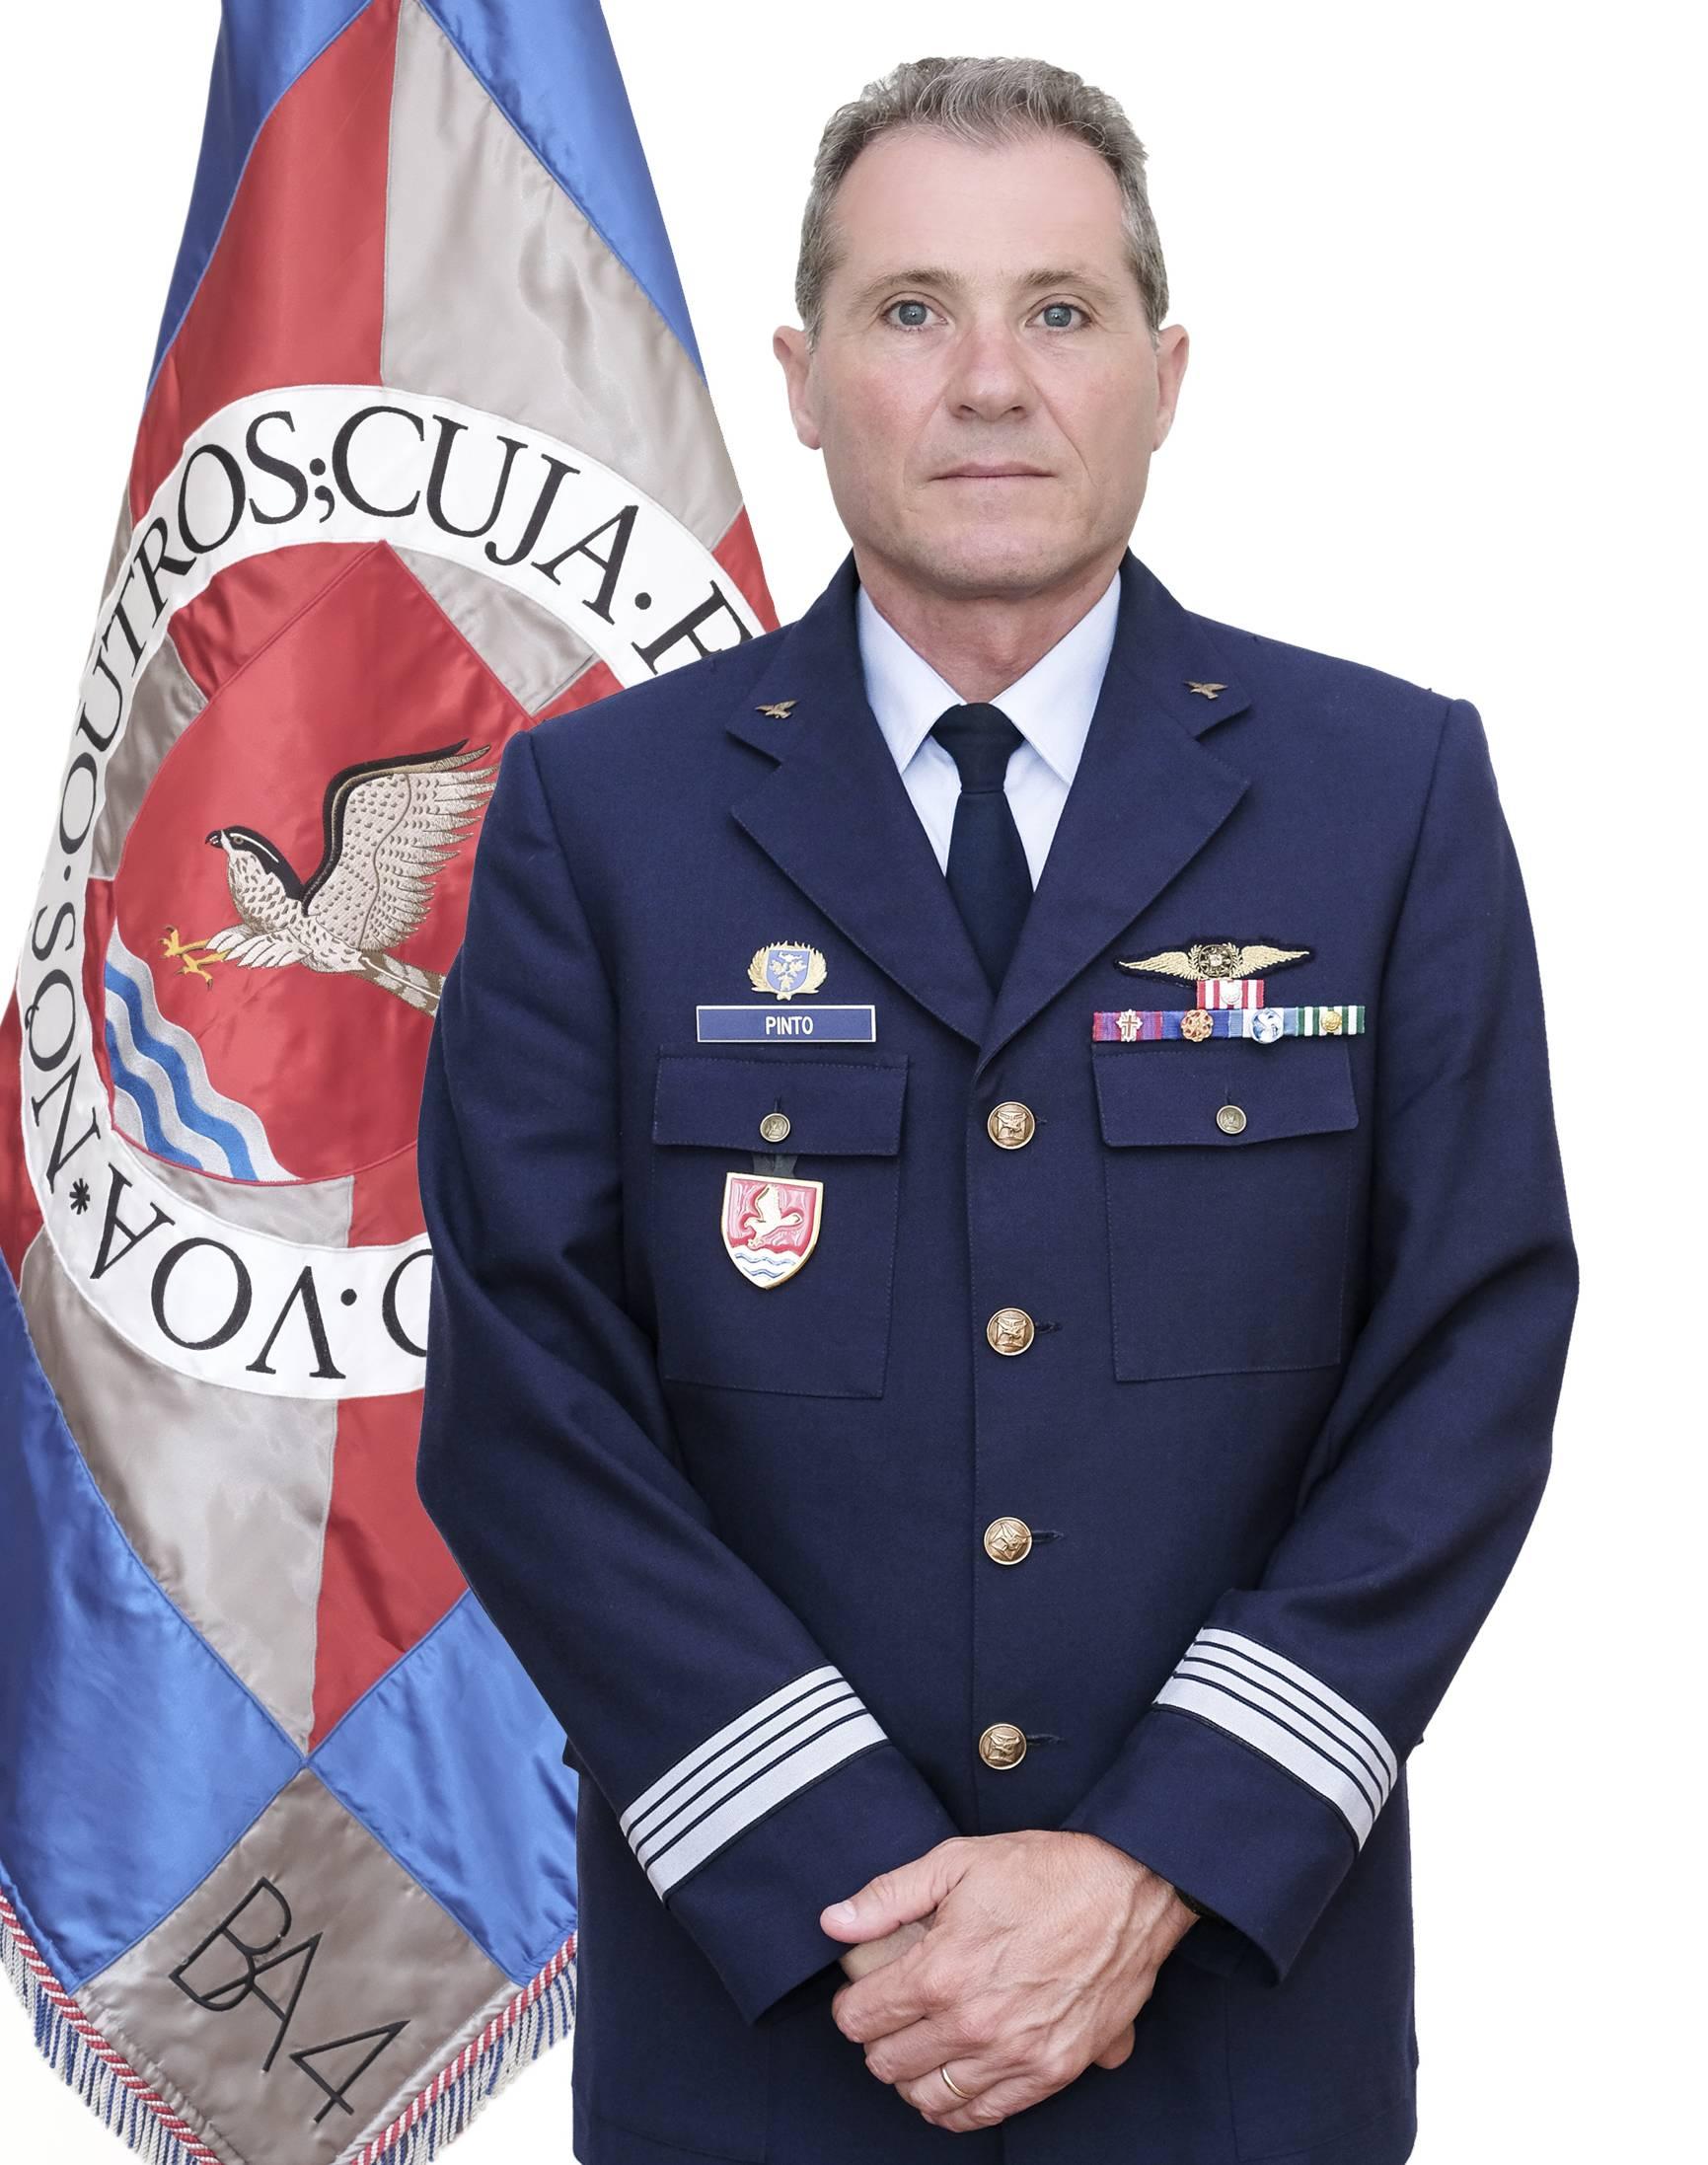 Foto de Coronel António José Teixeira da Costa Pinto